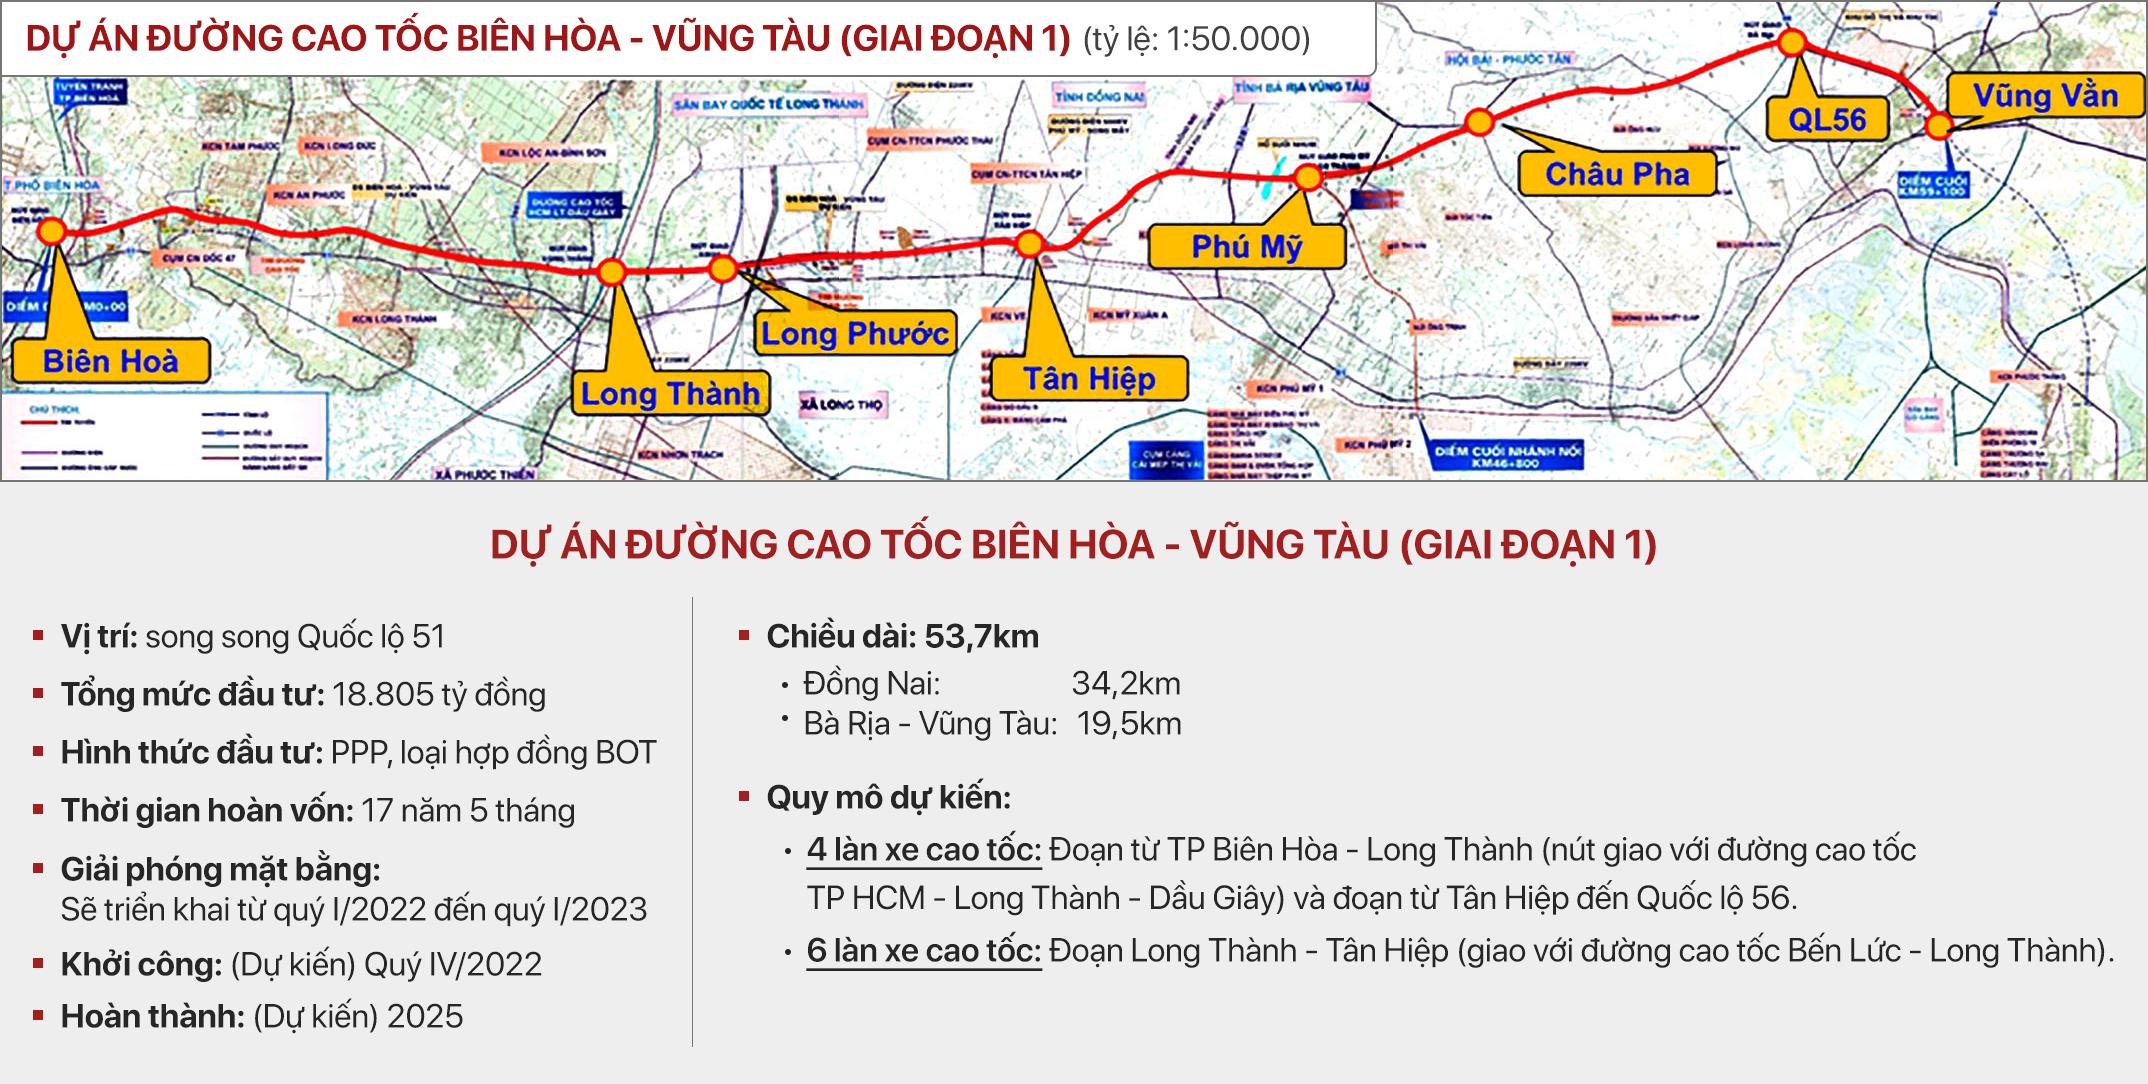 18.805 tỷ đồng làm cao tốc Biên Hòa - Vũng Tàu - Ảnh 1.